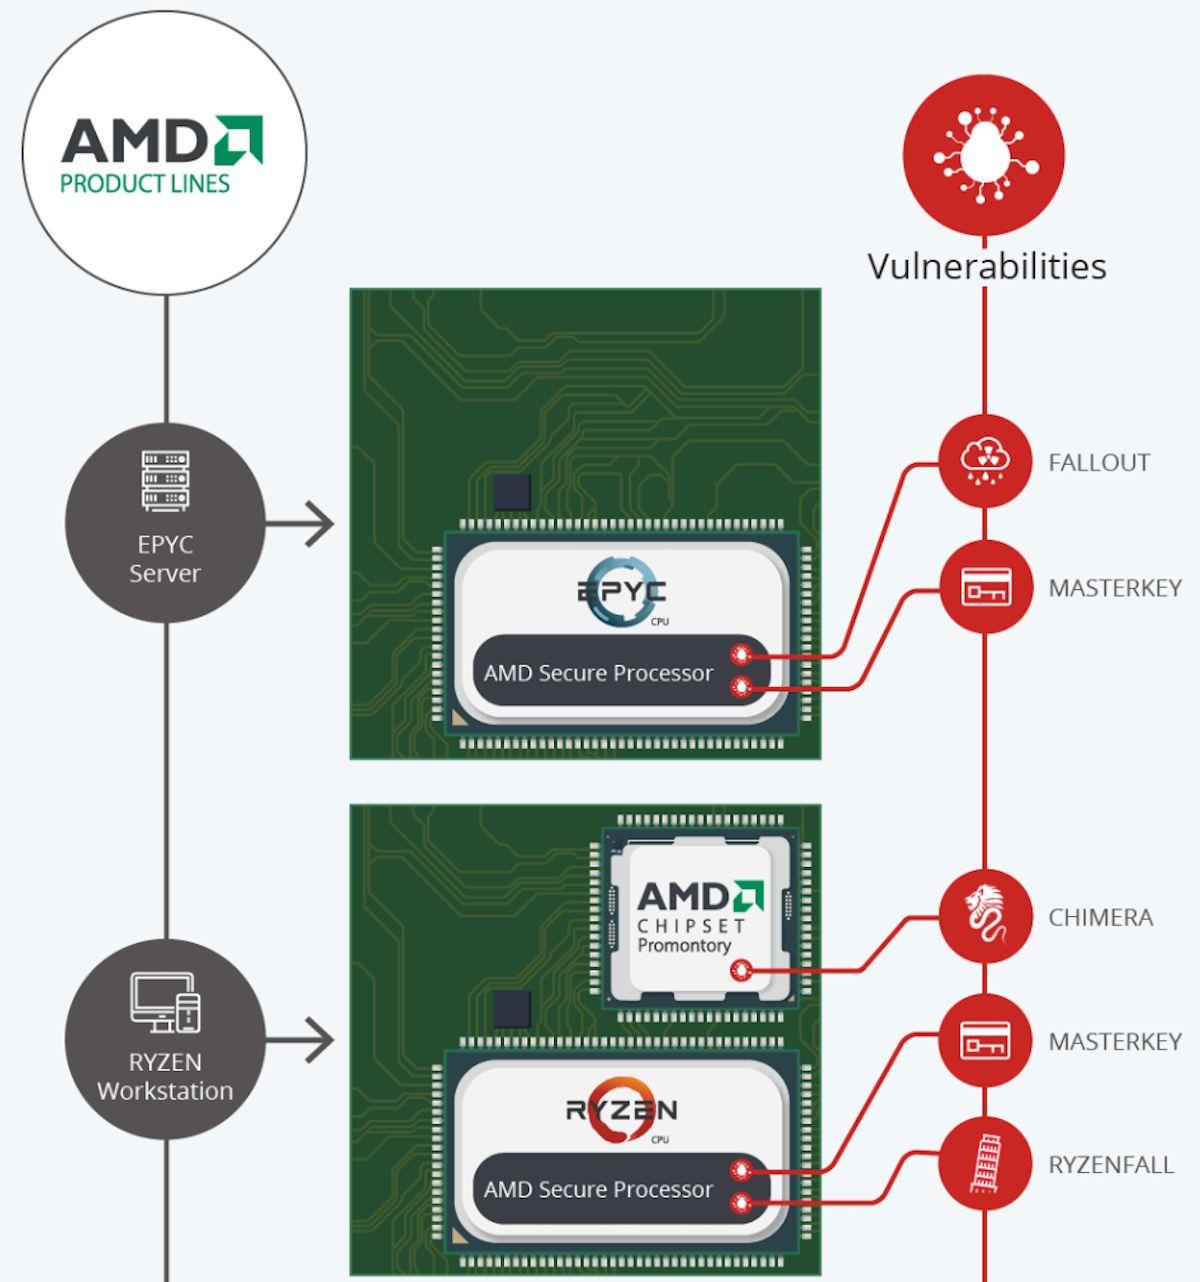 amd-01.jpg